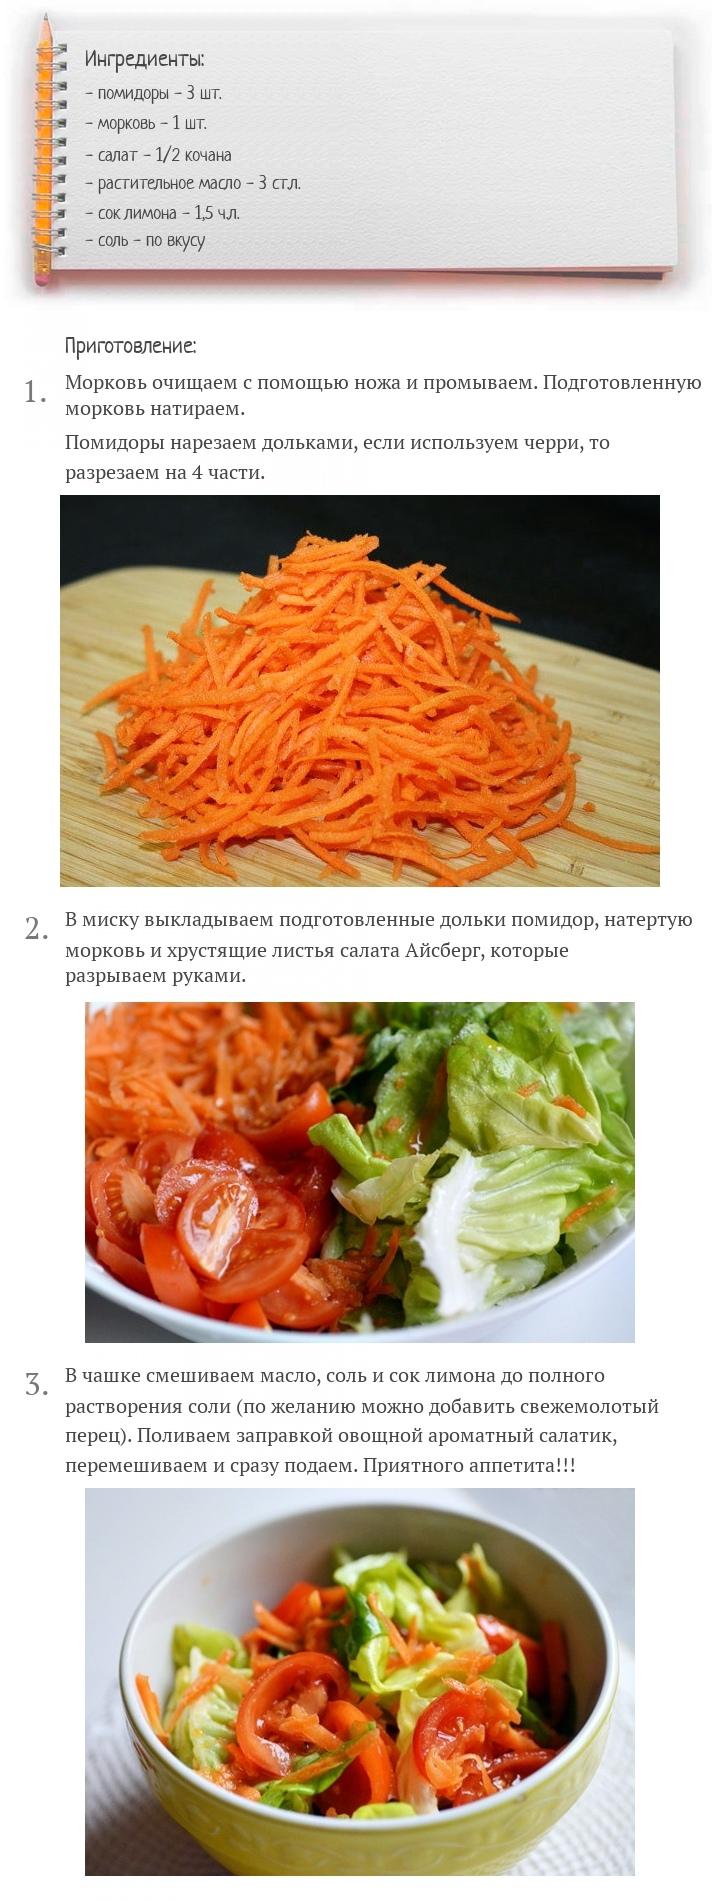 Овощной салат с помидорами и морковью, изображение №2